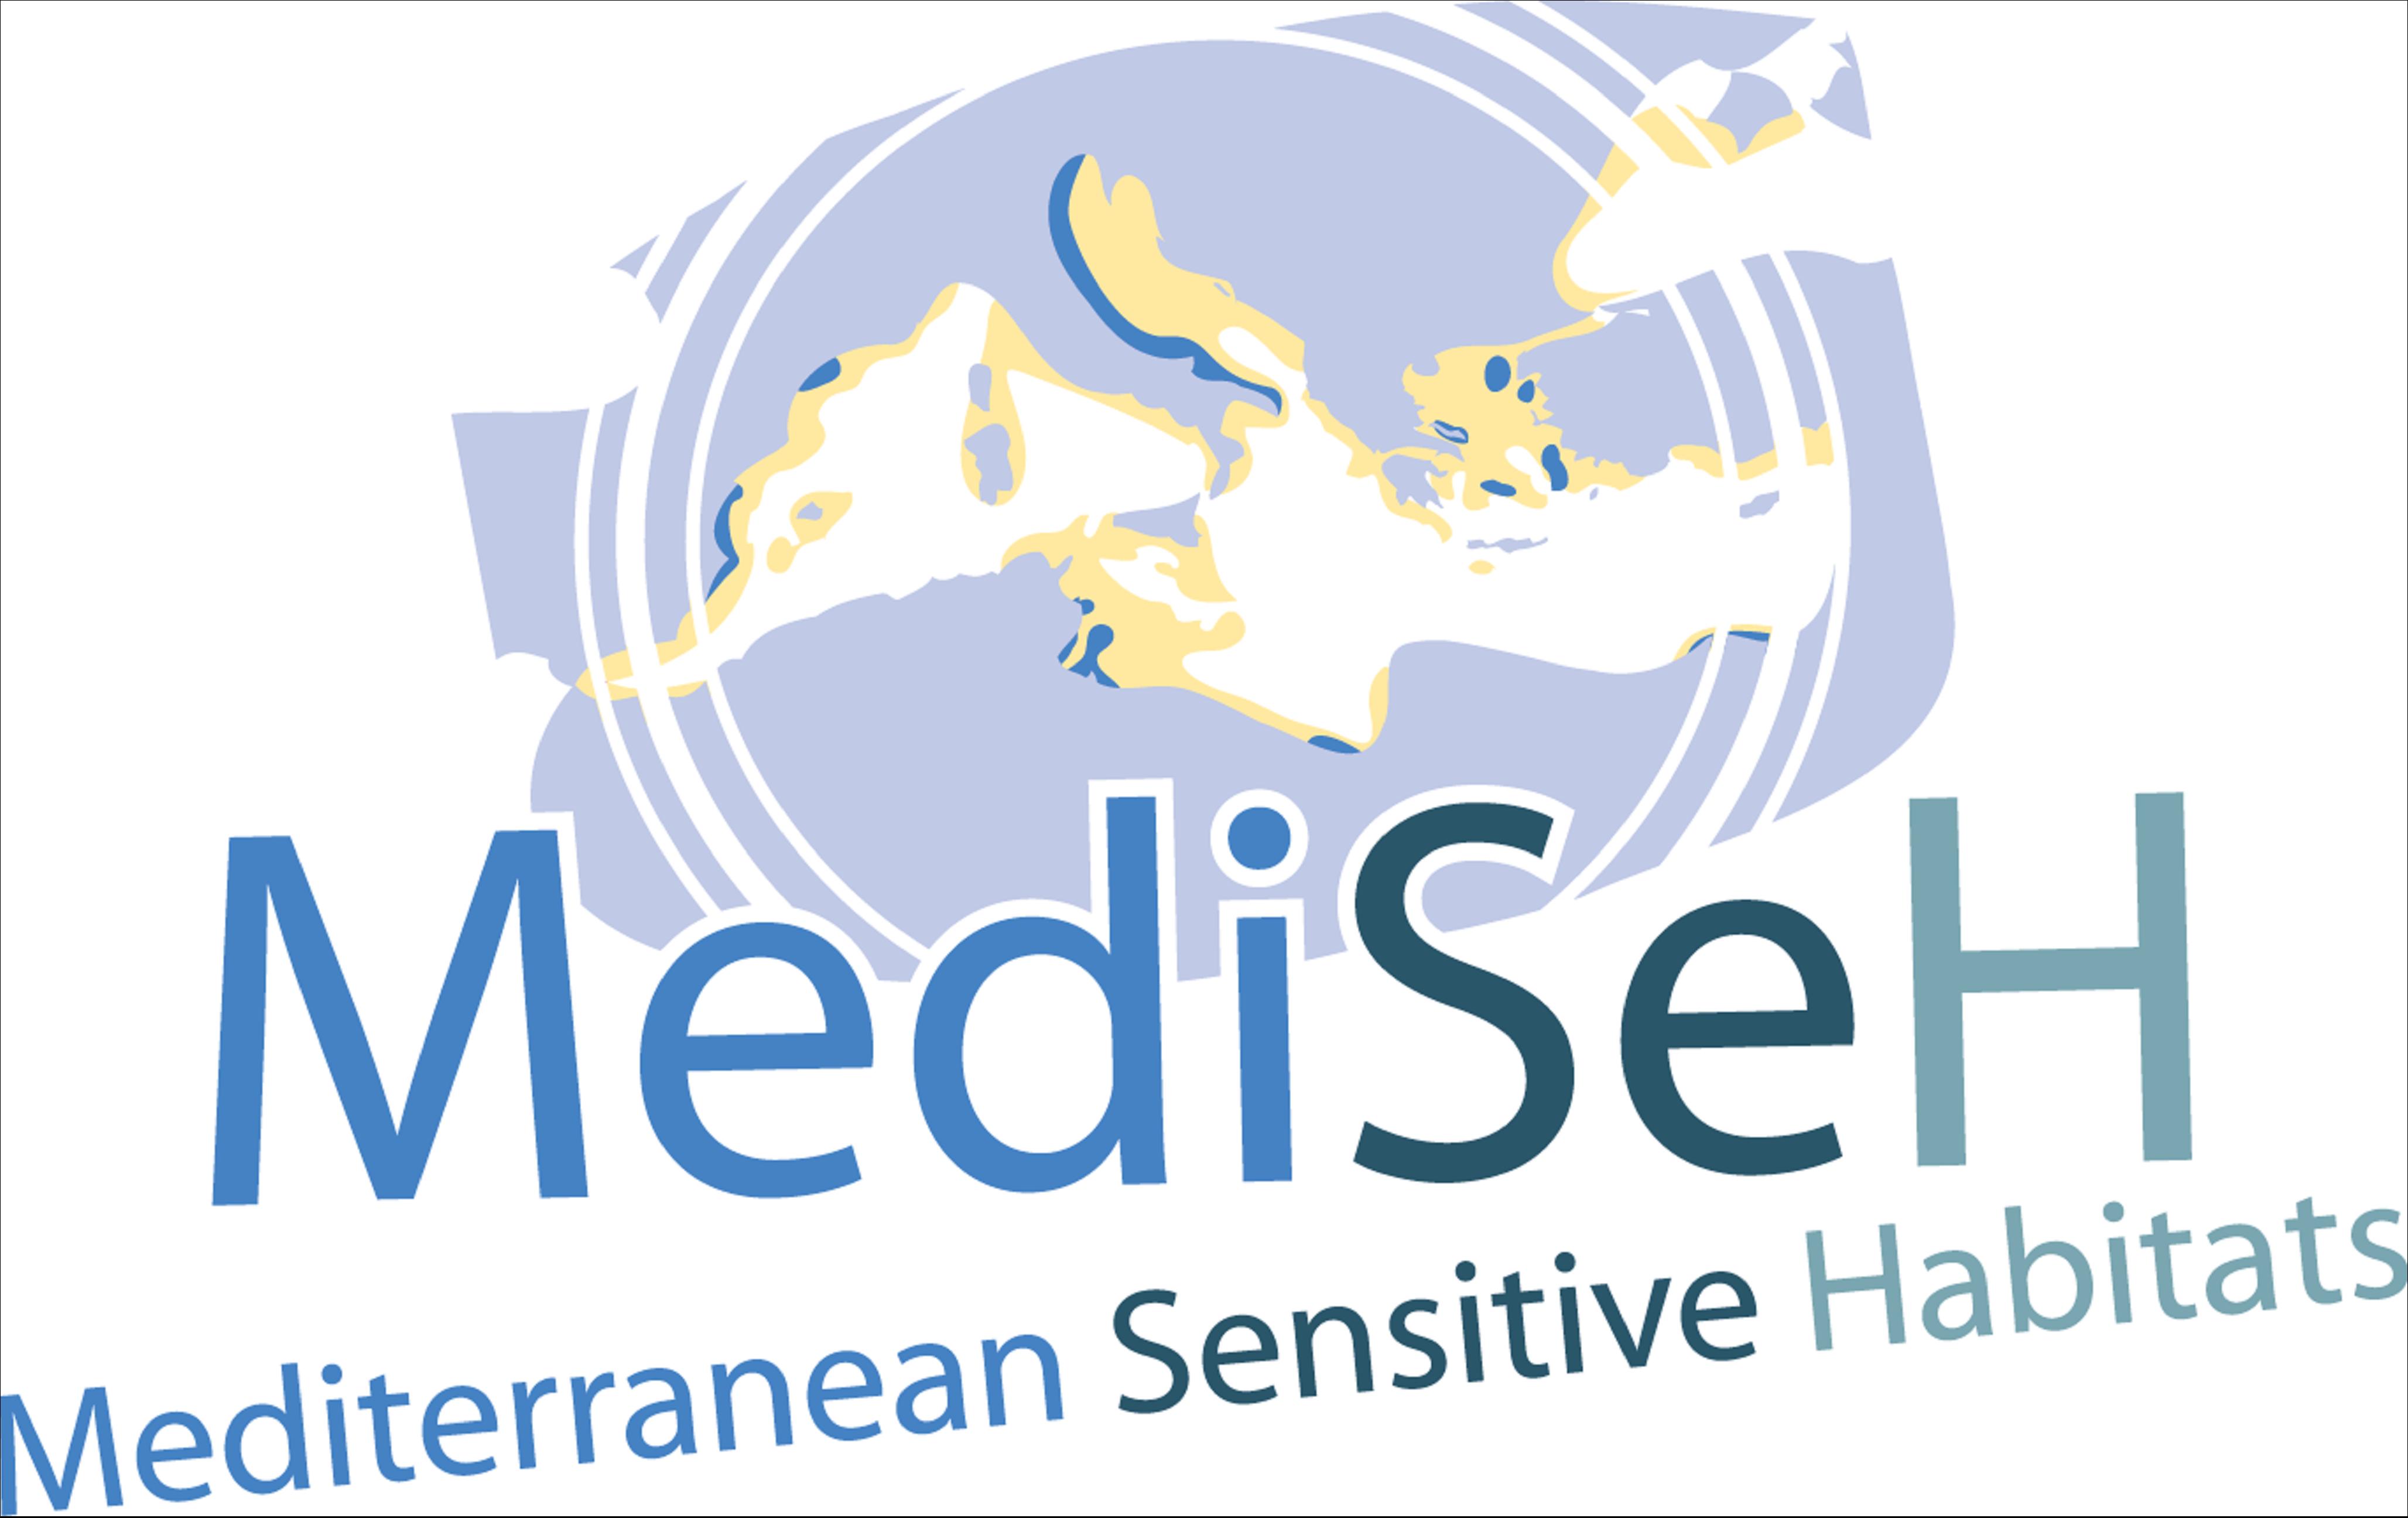 mediterranean, habitats, sensitive